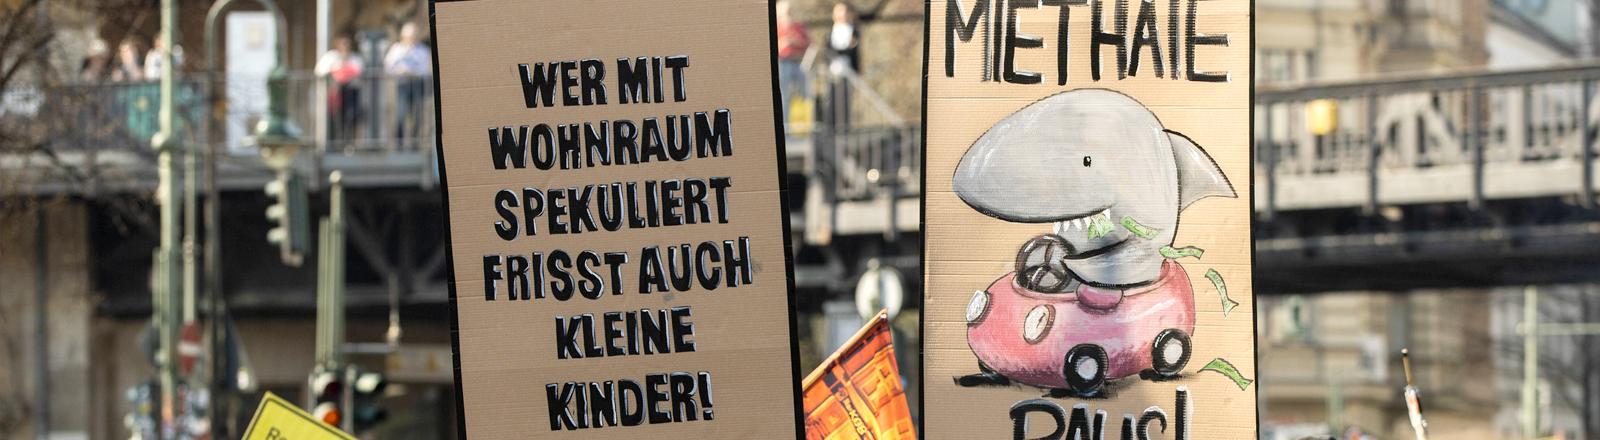 Schilder beim Protest gegen zu hohe Mieten in Berlin